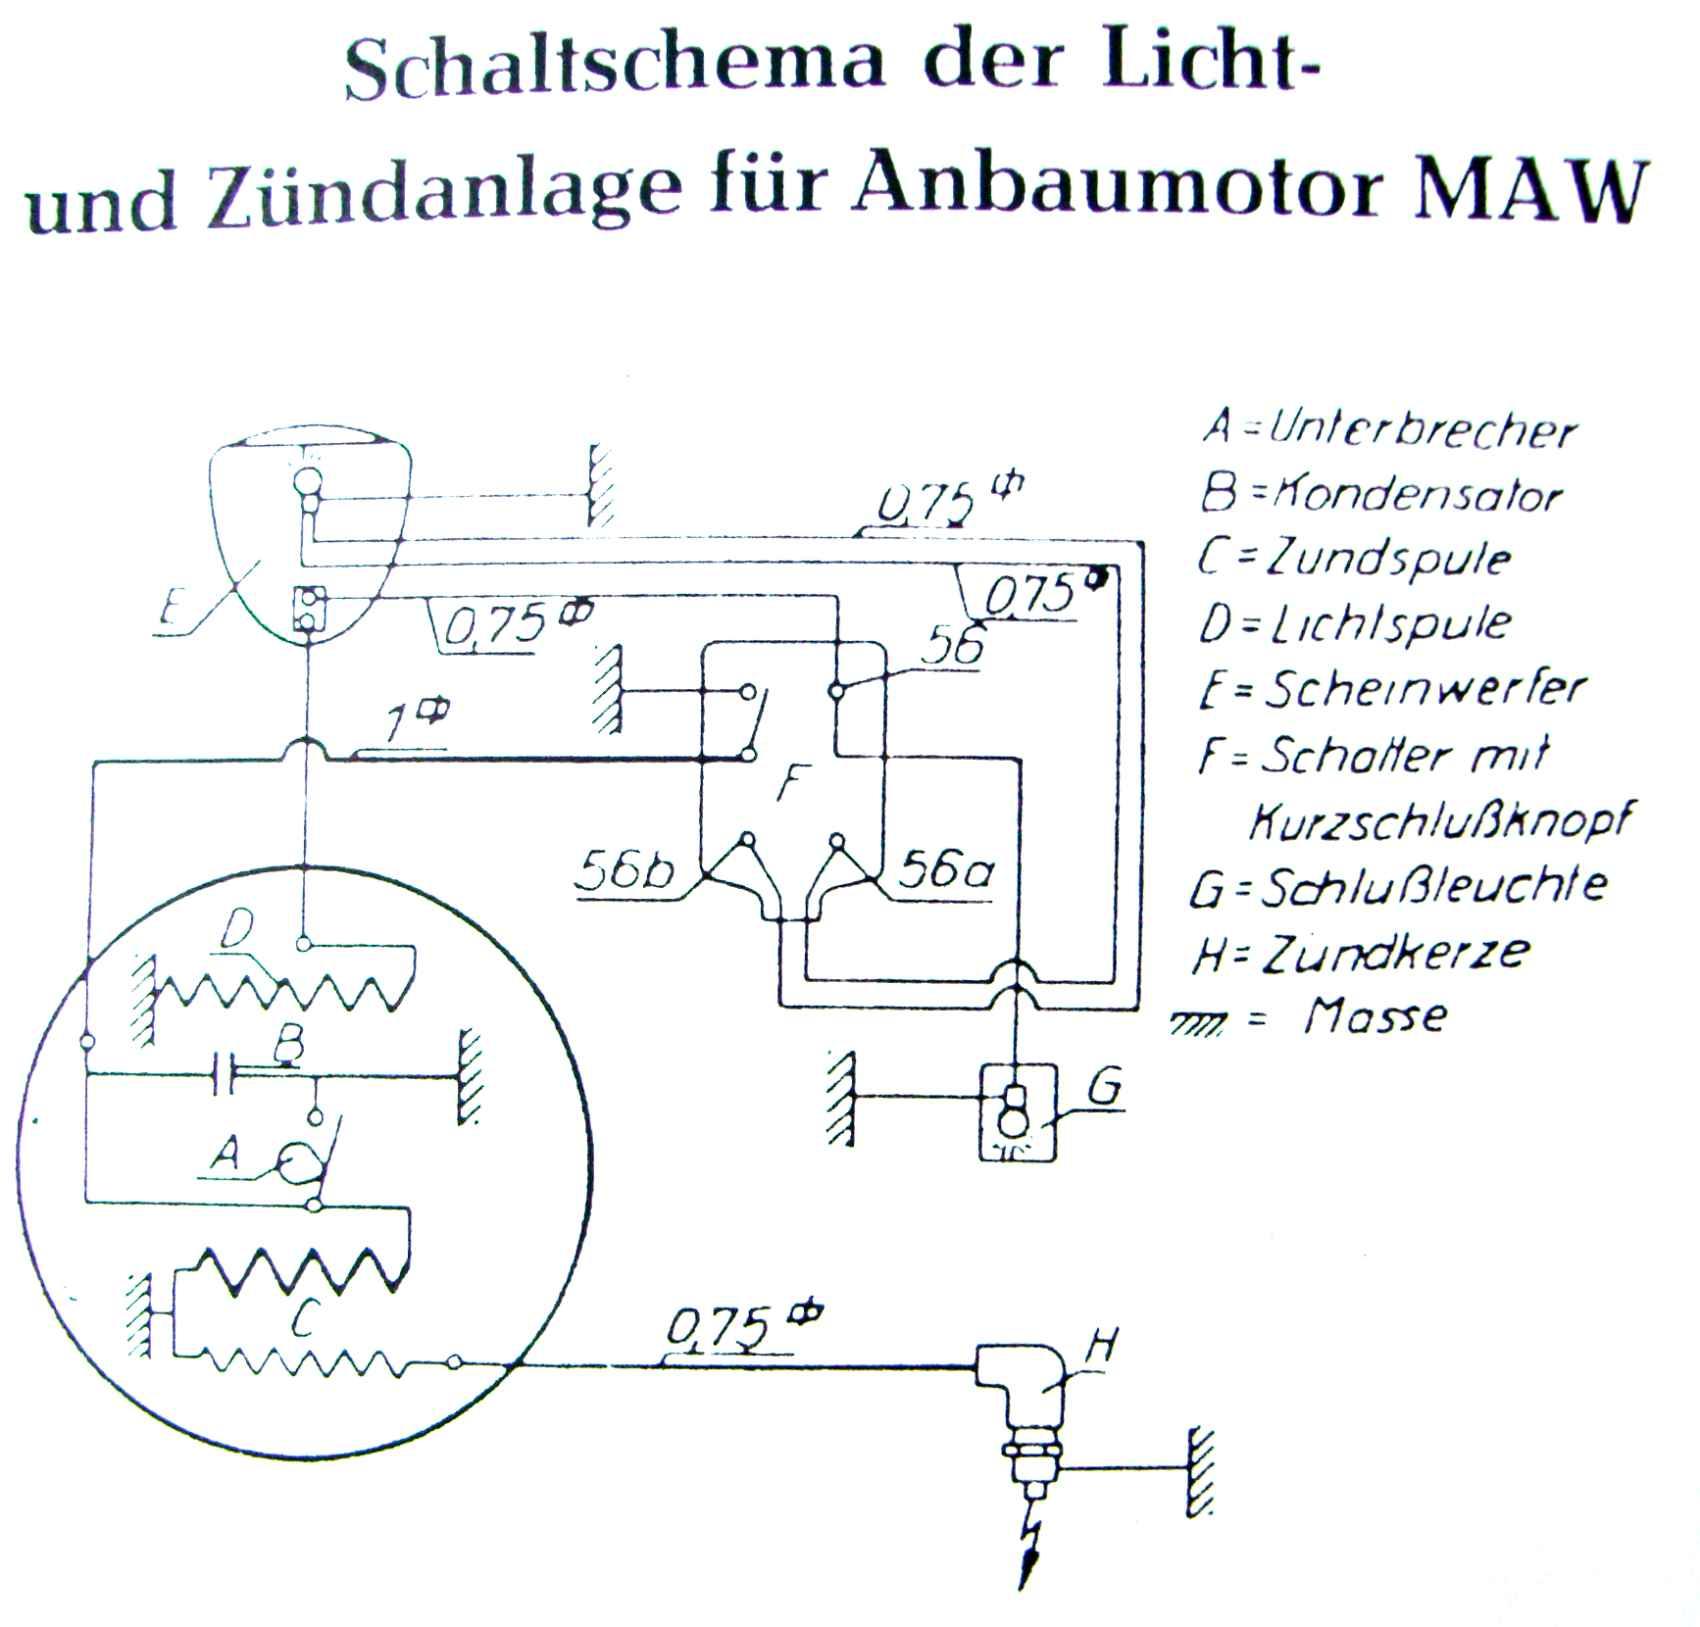 Zündung mit Licht Schaltplan – Freizeit-und-Technik.com